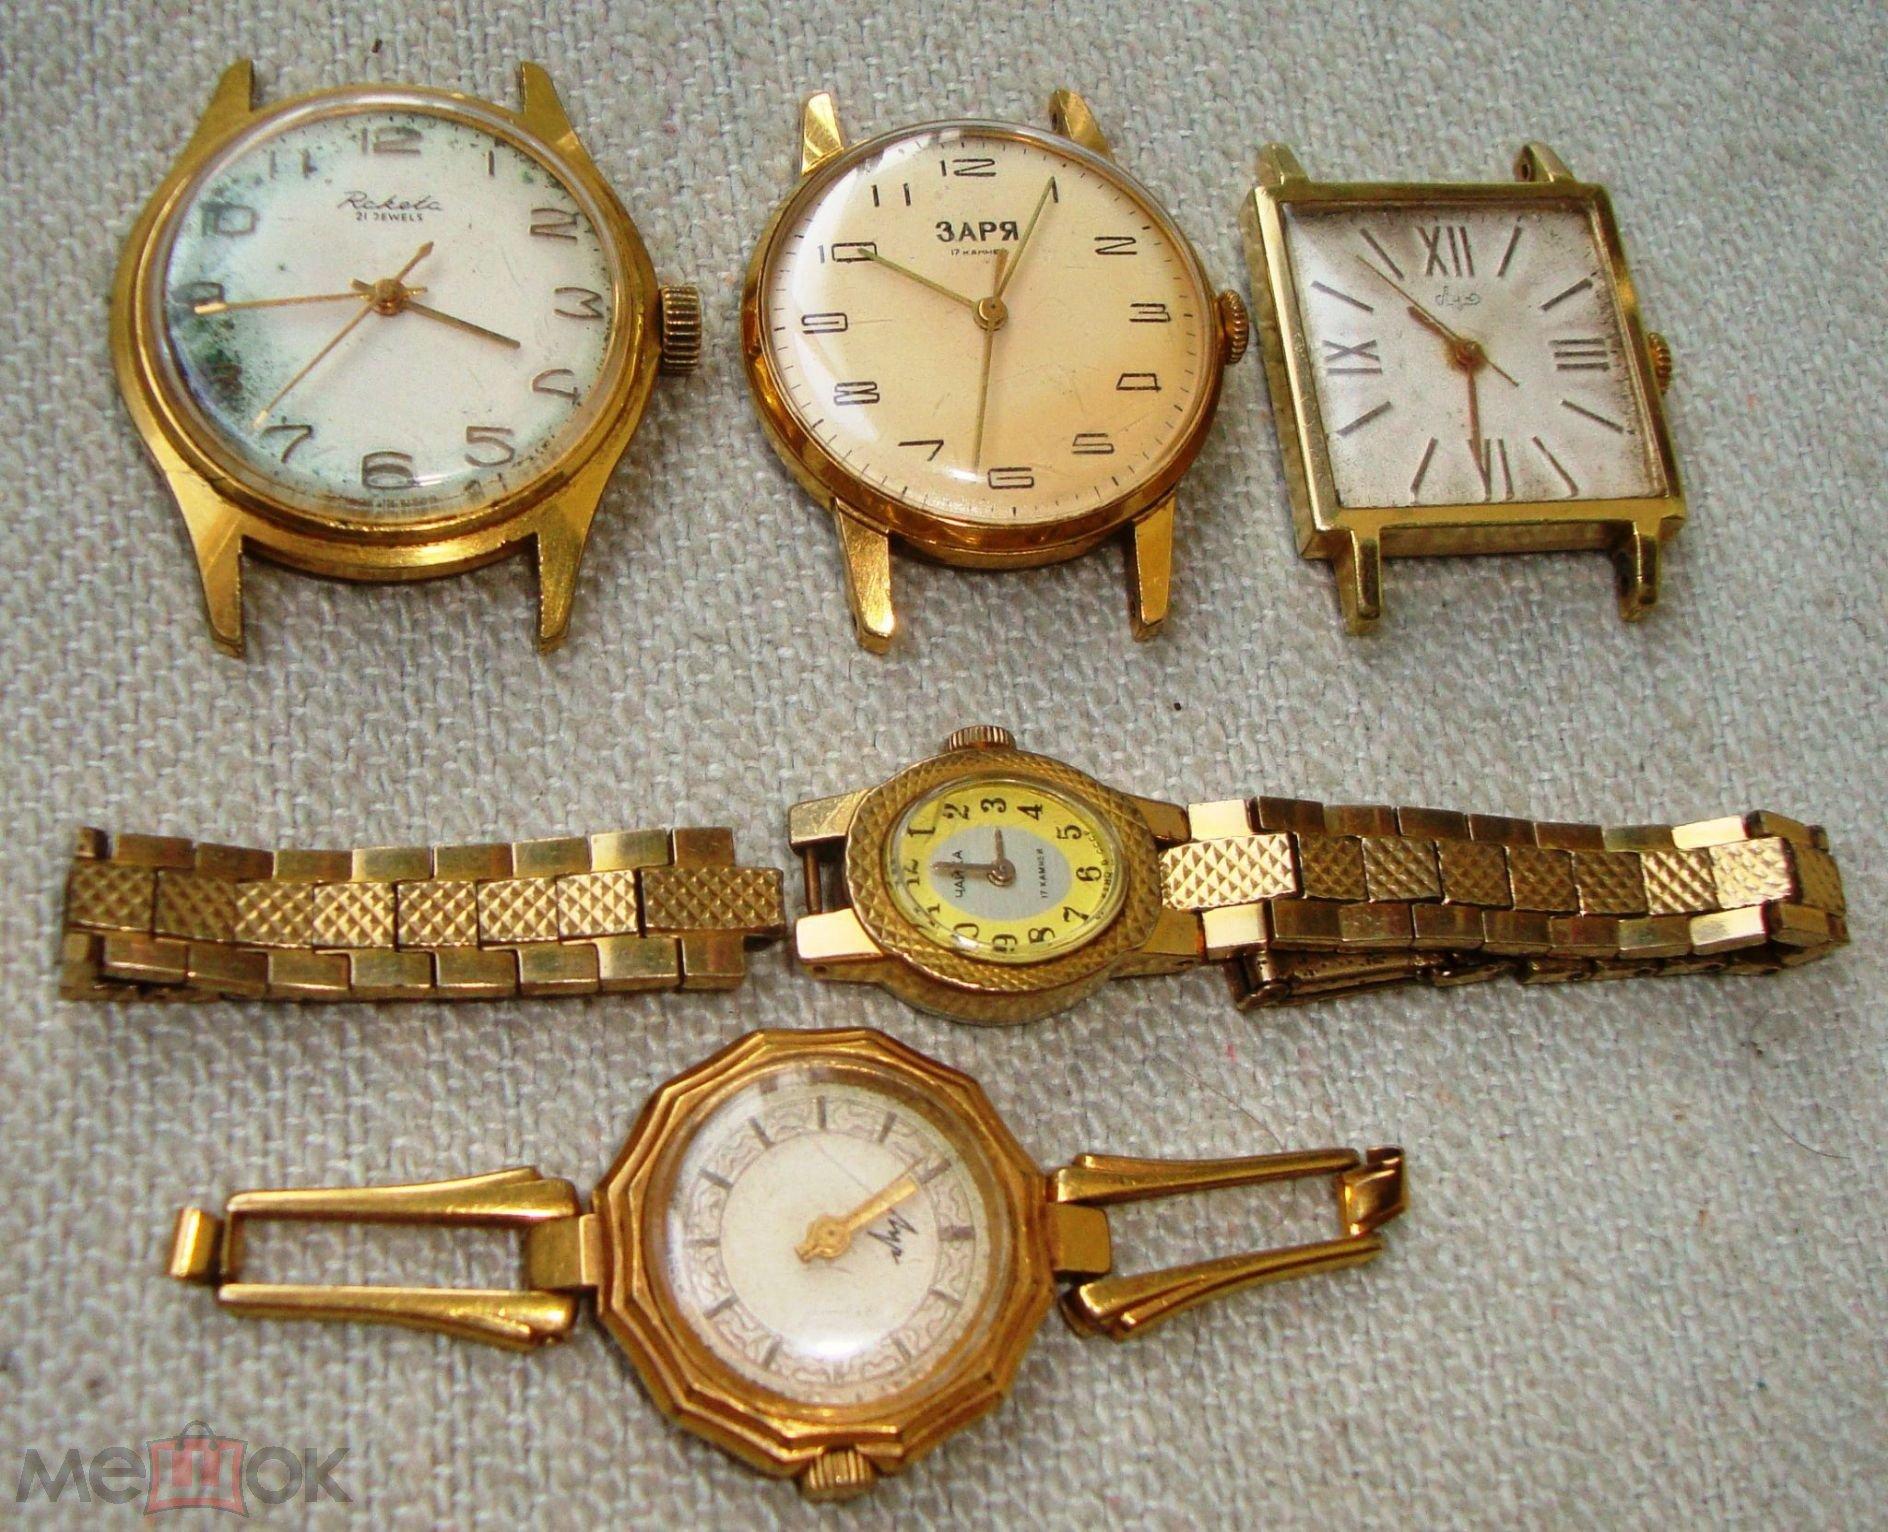 Винтажные часы заря 21 камень сделанно в ссср (zarja 21 jewels made in ussr), механические.